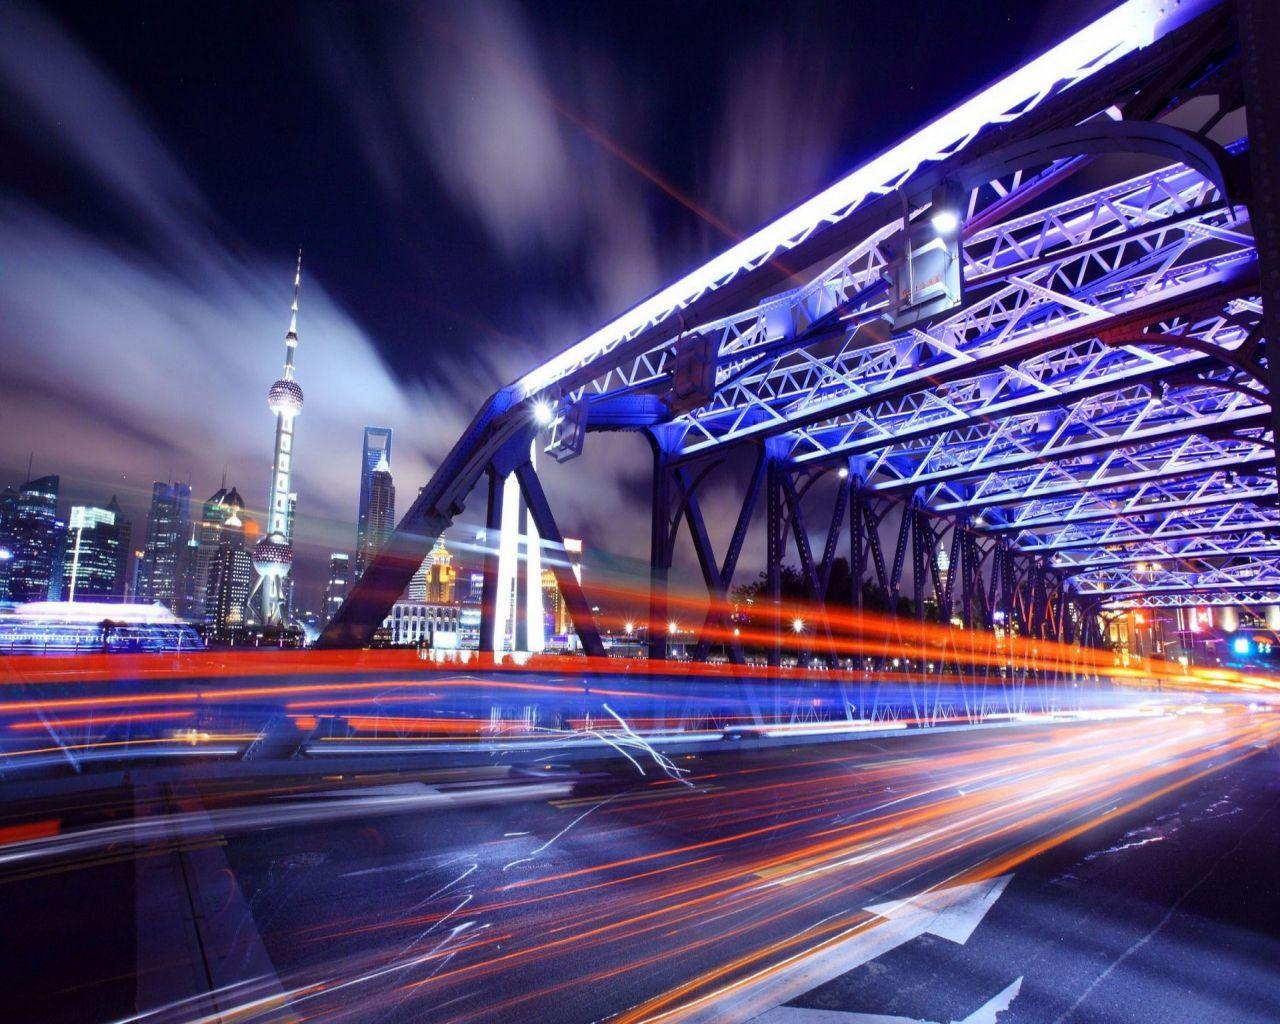 Widescreen HD Bridge Wallpapers Bridge Backgrounds For Download 1280x1024